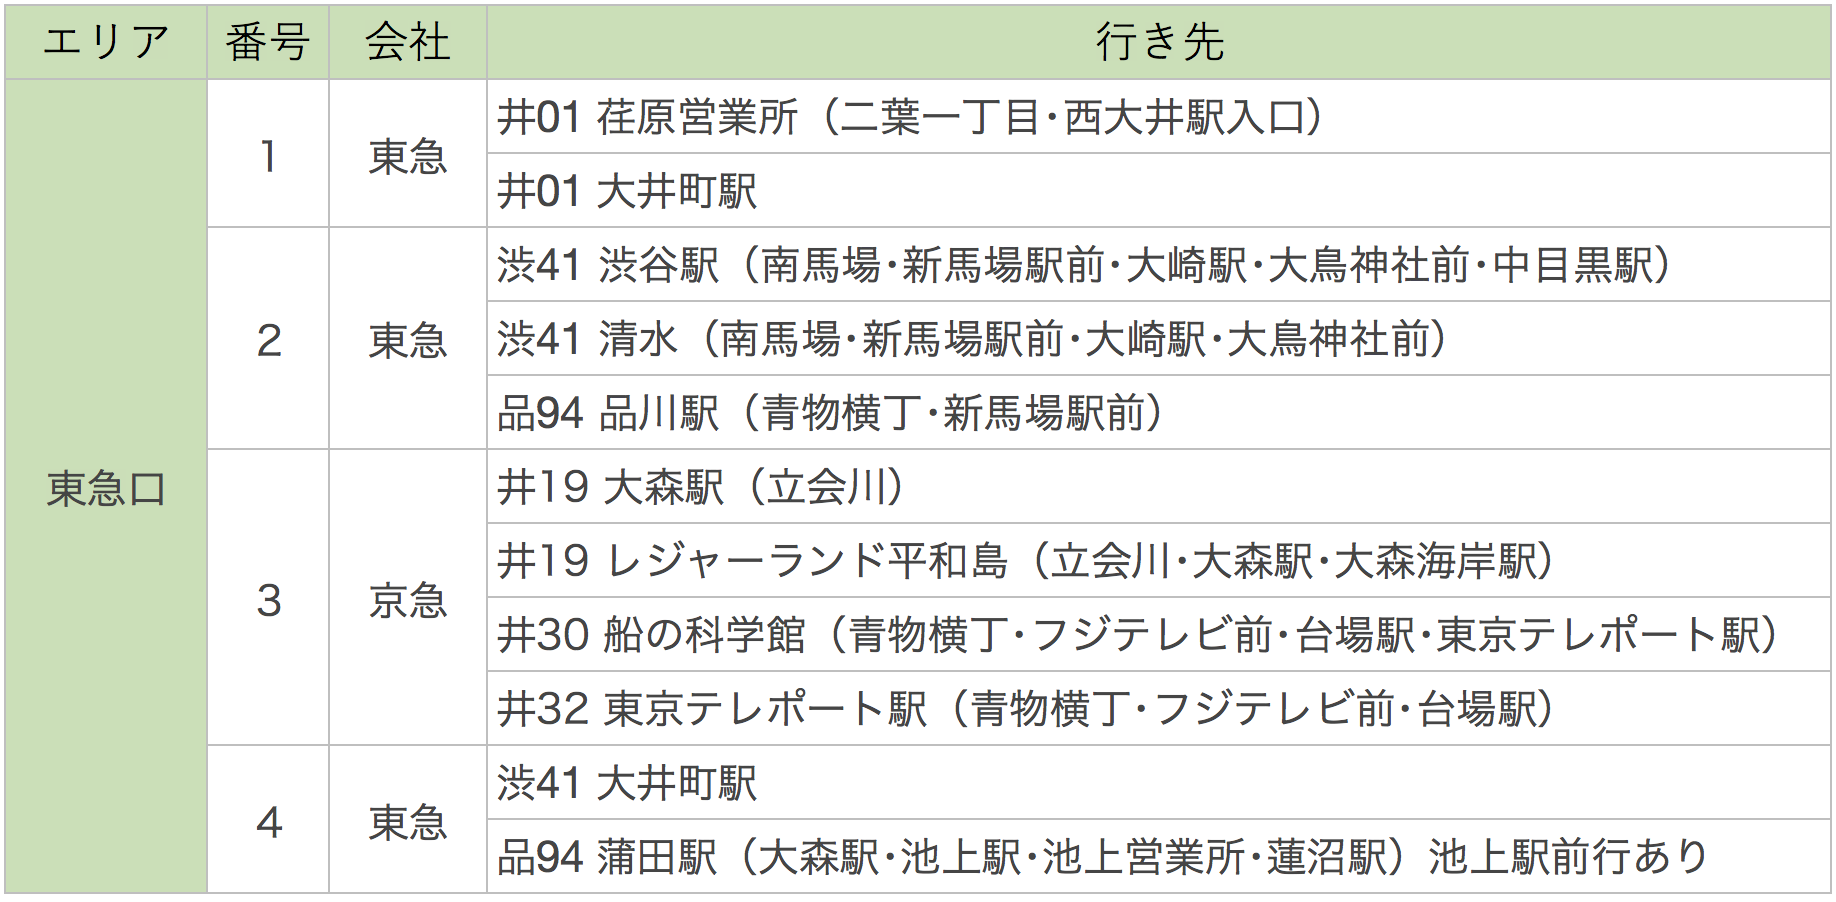 東急口_バス乗り場